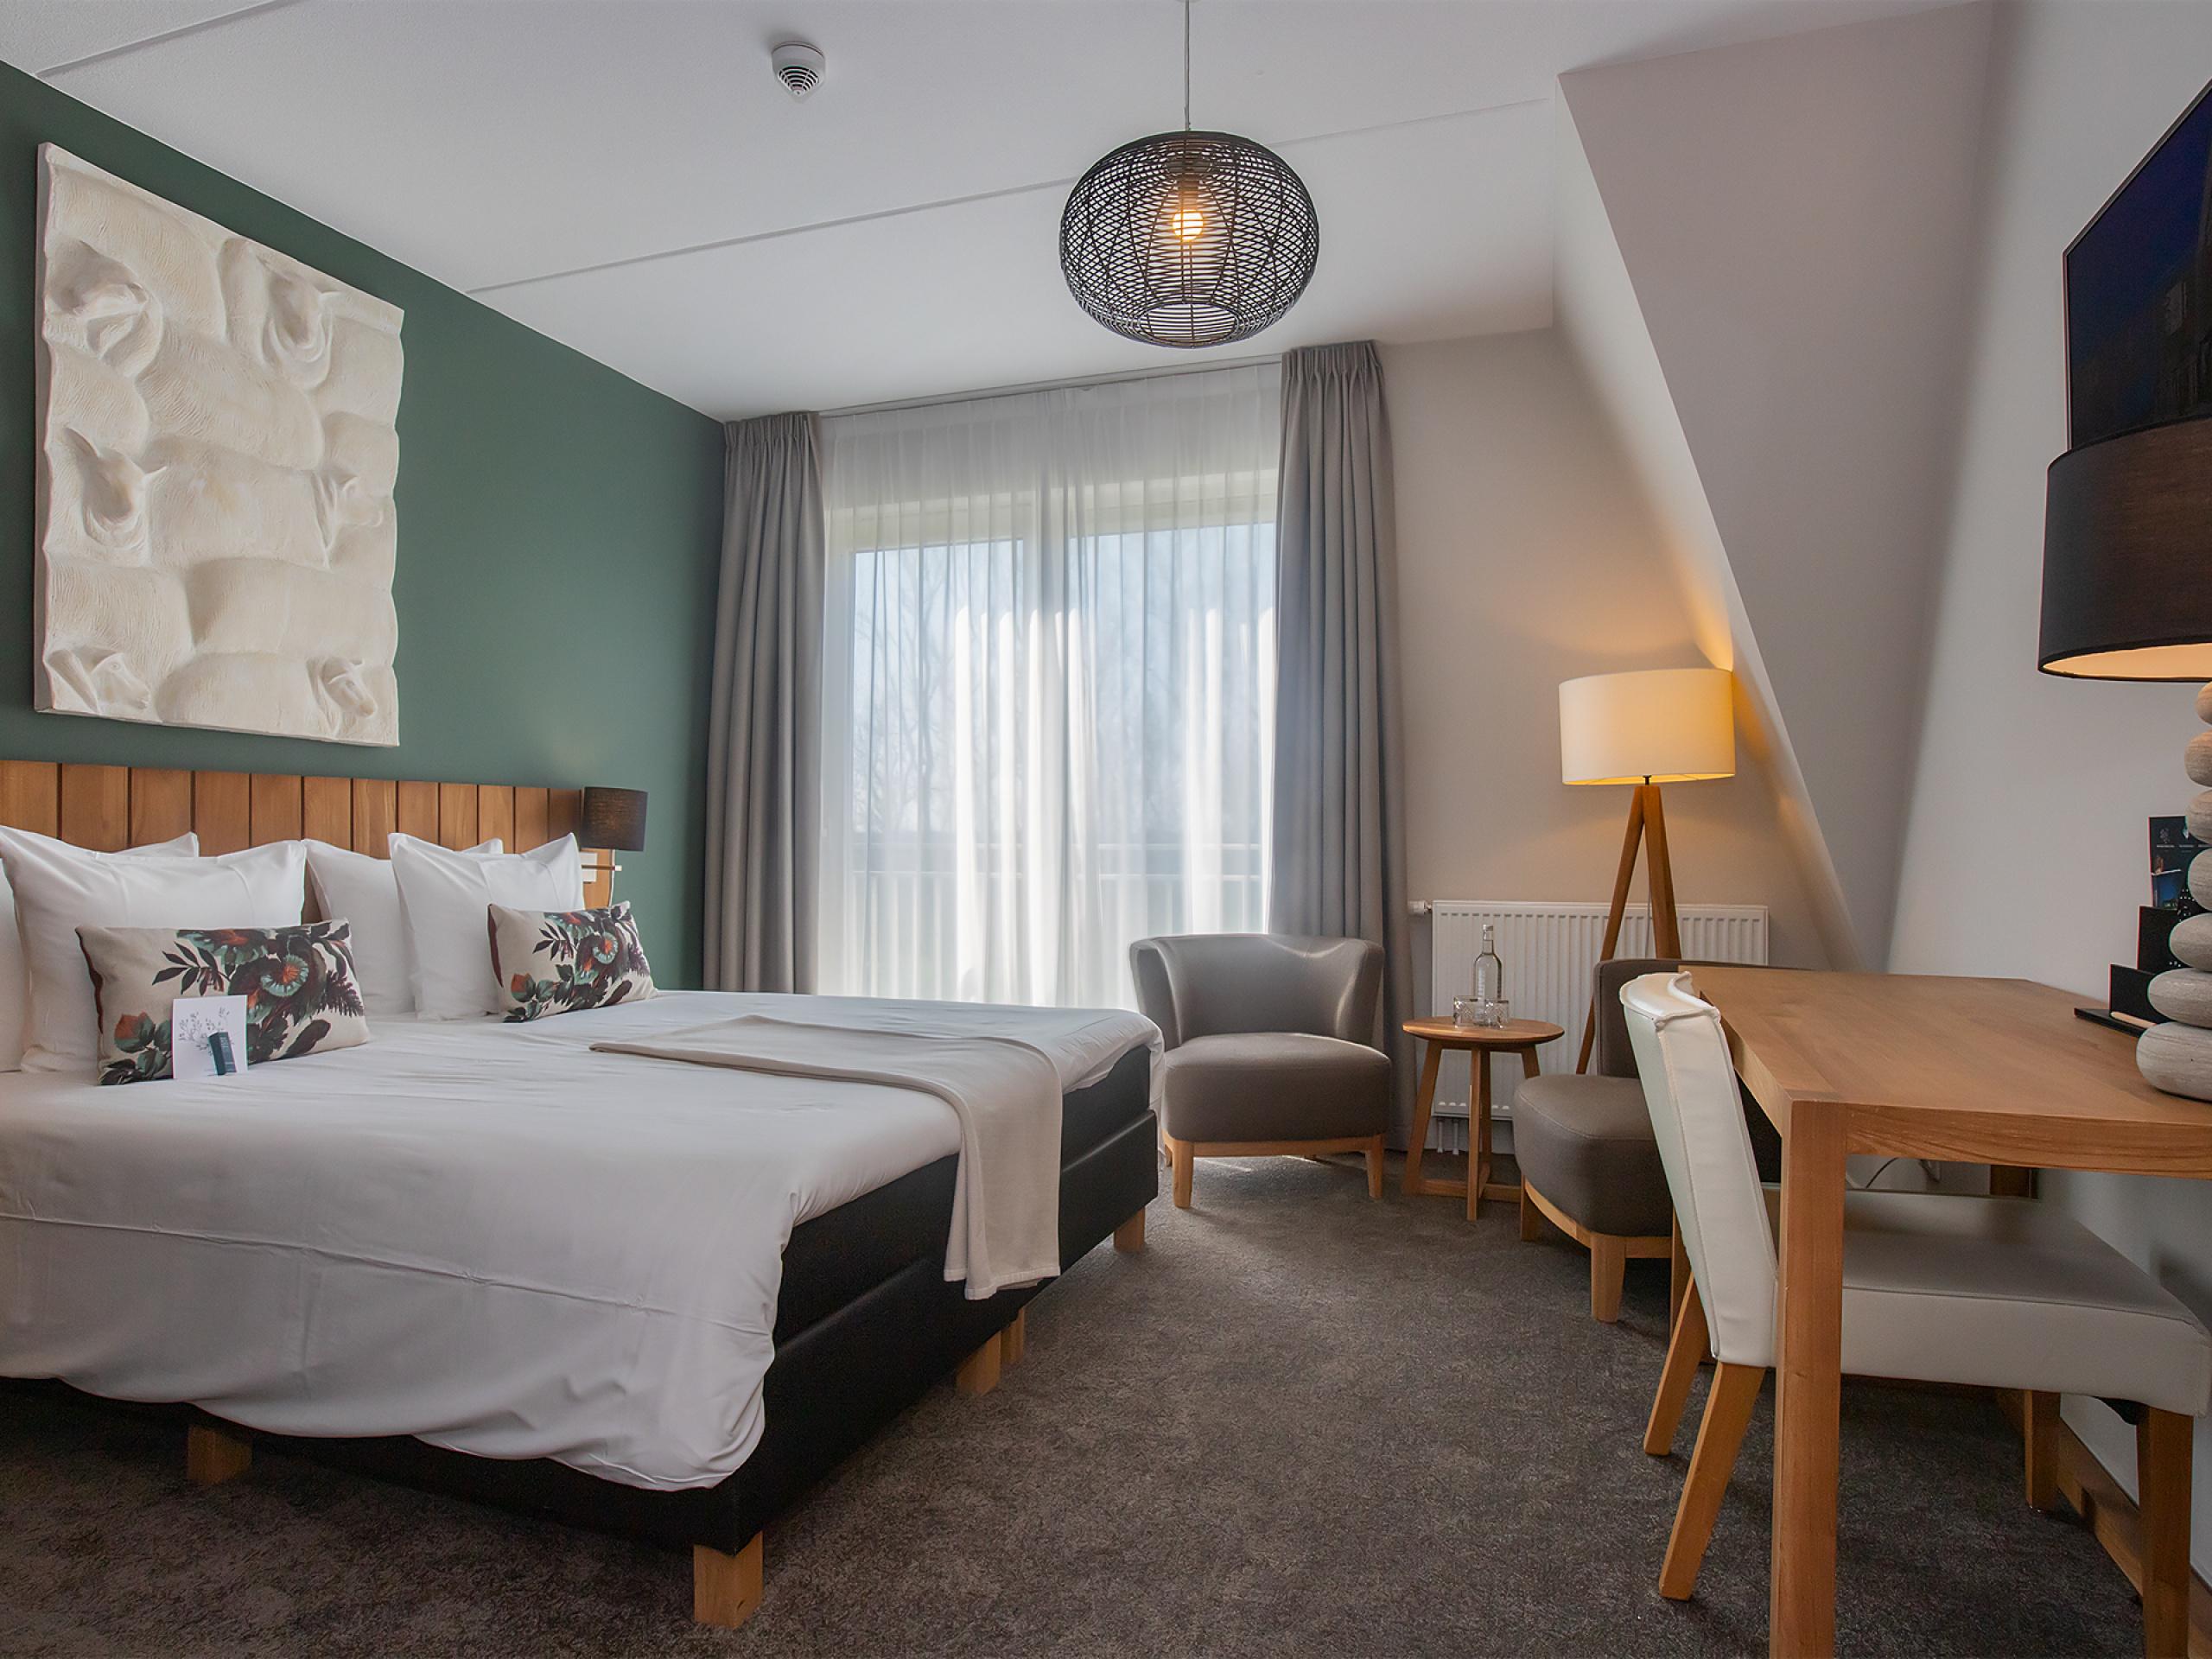 Volop genieten in sfeervol hotel vlakbij De Cocksdorp